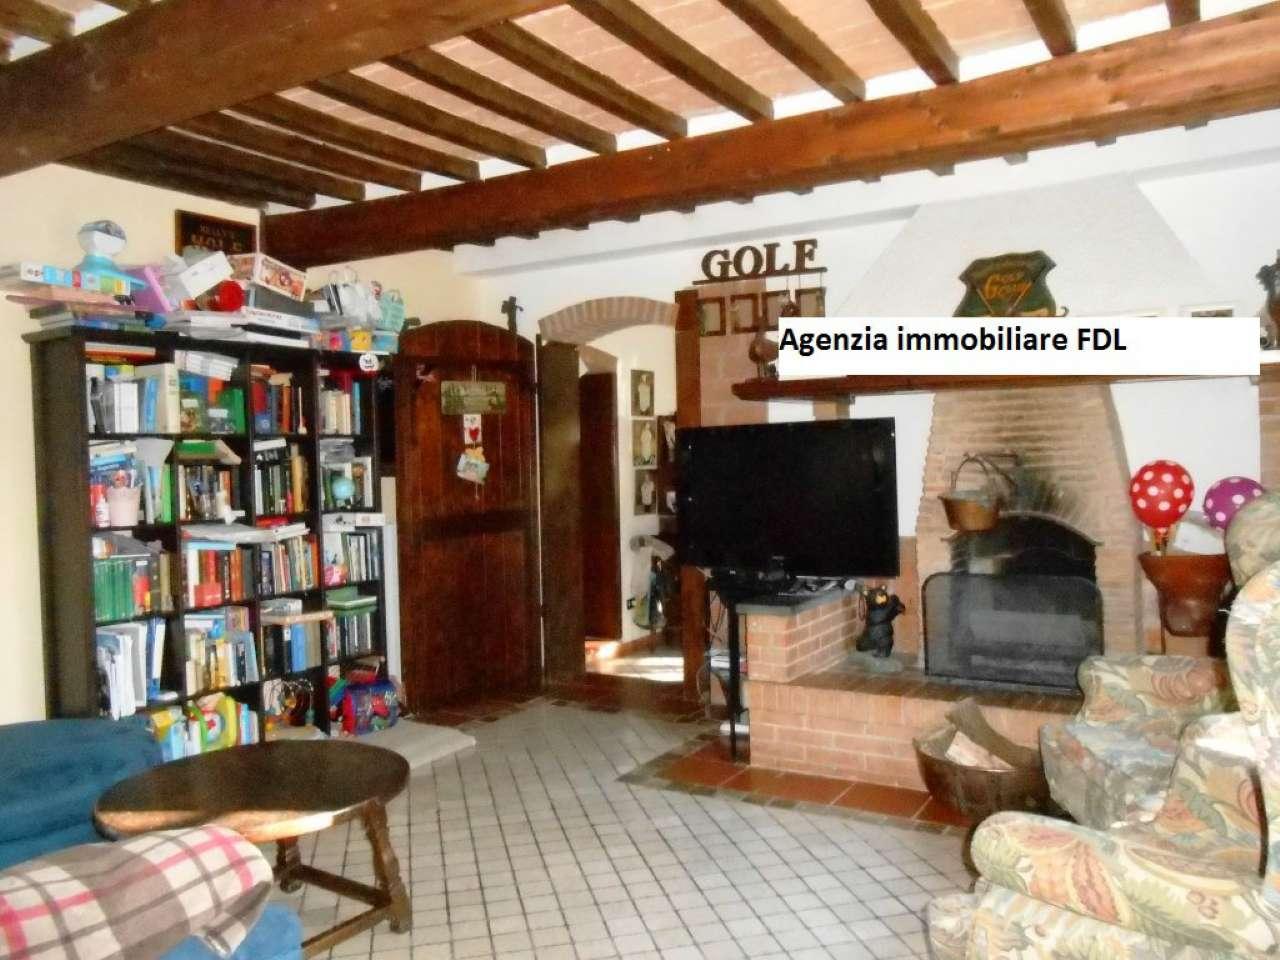 Rustico / Casale in vendita a Crespina Lorenzana, 8 locali, prezzo € 499.000 | CambioCasa.it